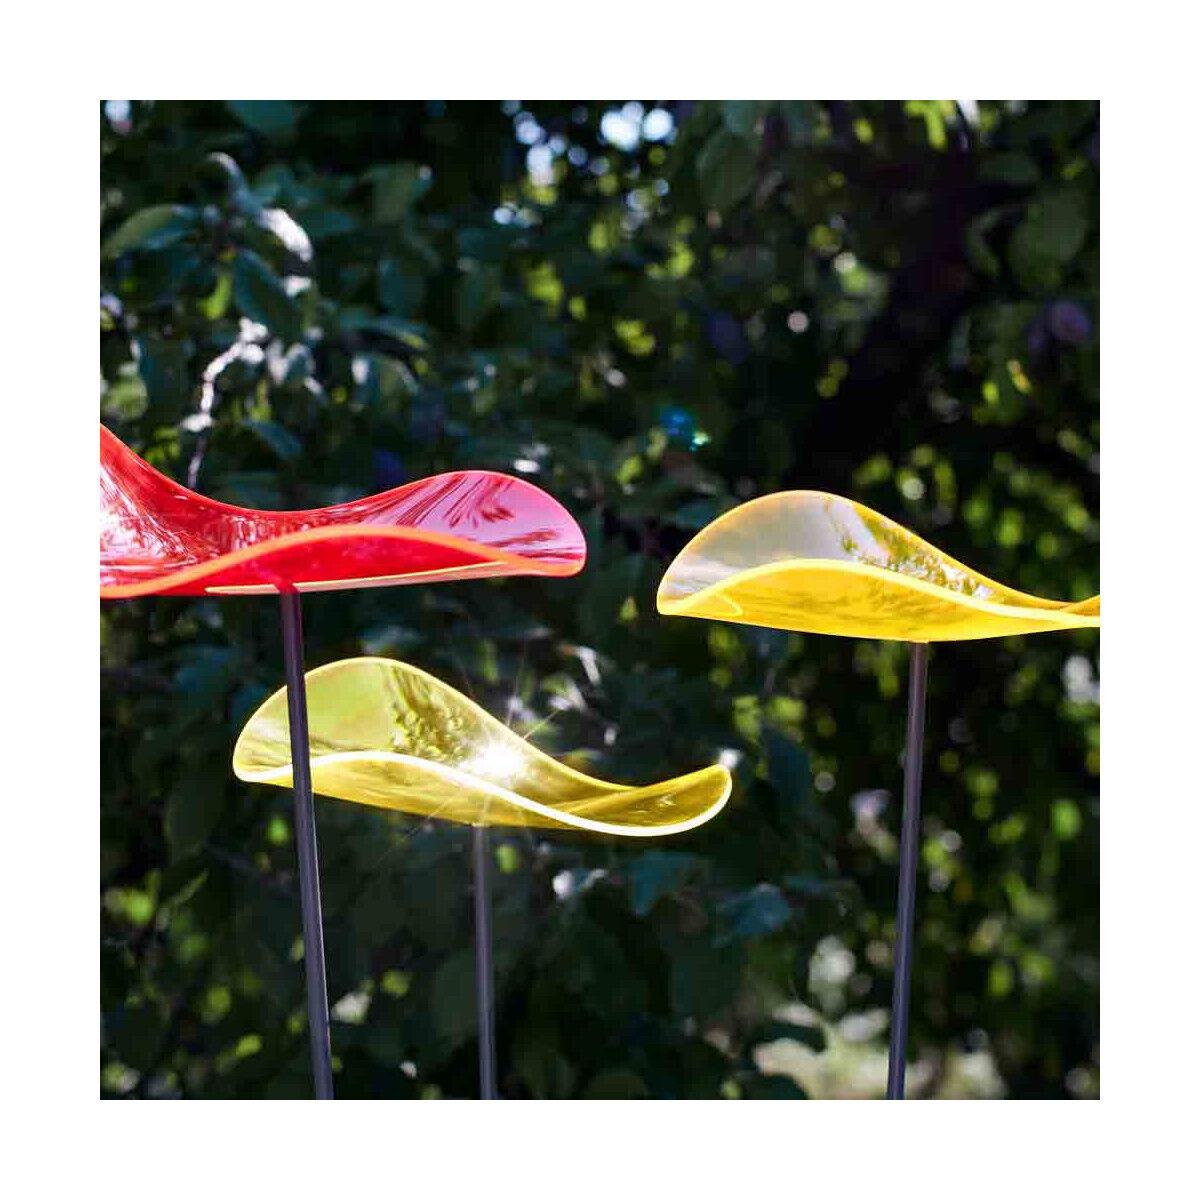 Attrape soleil de jardin Cazador Del Sol 2 fleurs ondulées jaune citron et 1 rouge